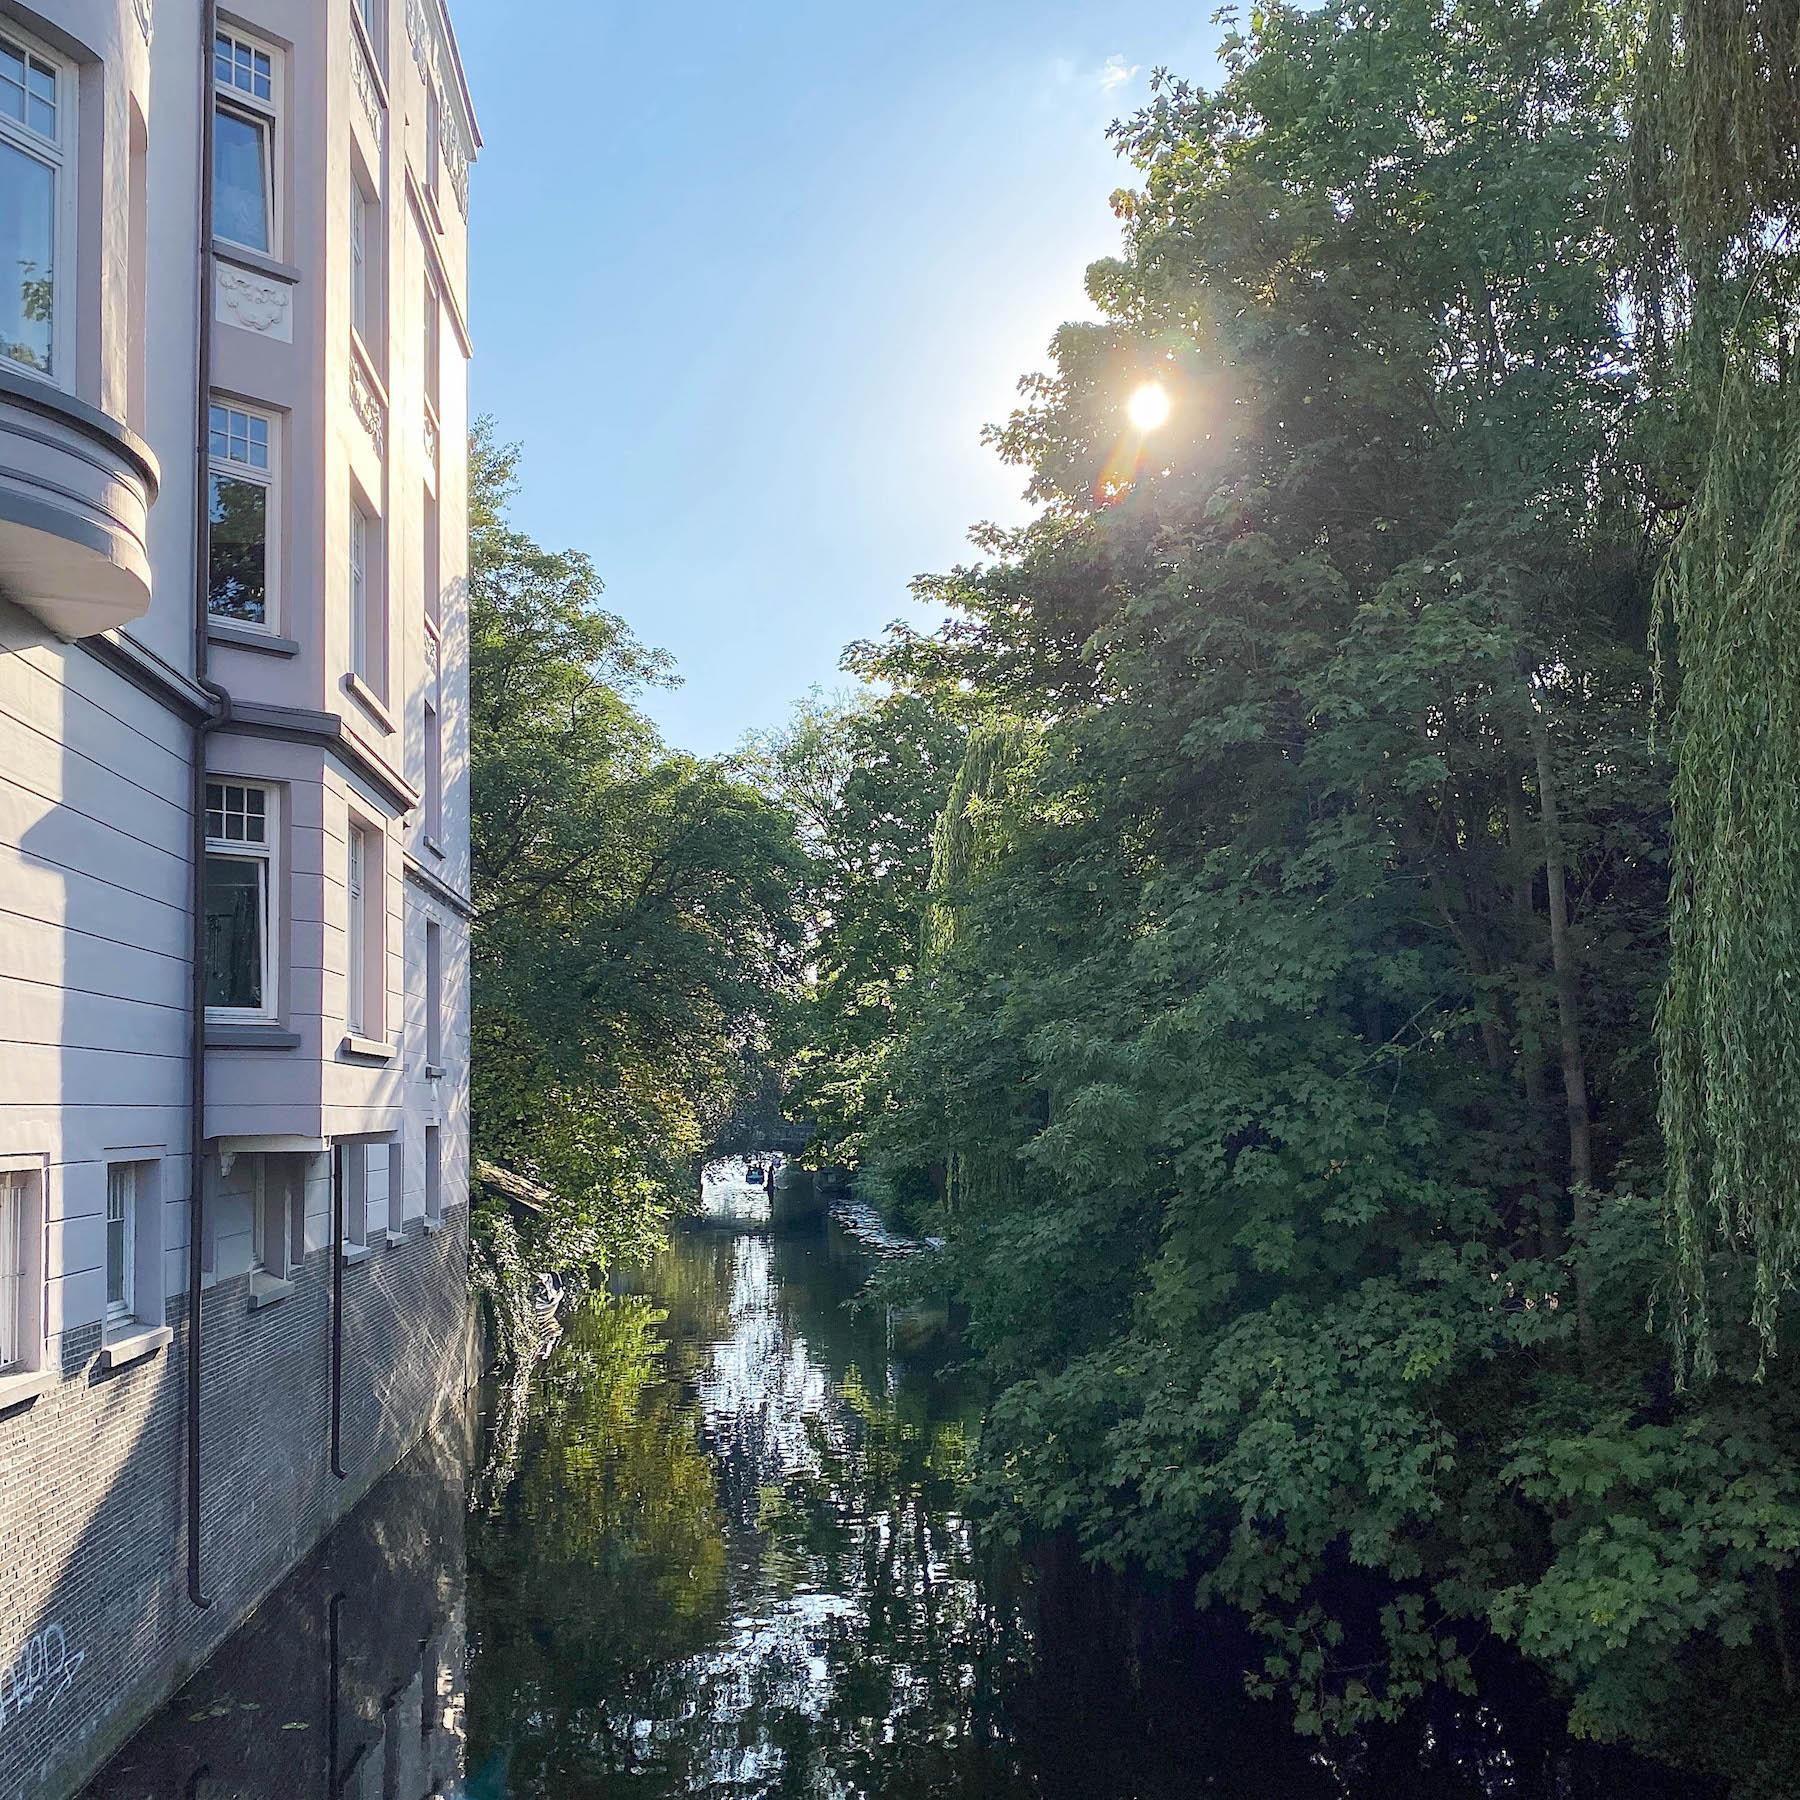 Hitzewelle Hamburg Balkonien suelovesnyc_hitzewelle_hamburg_balkonien